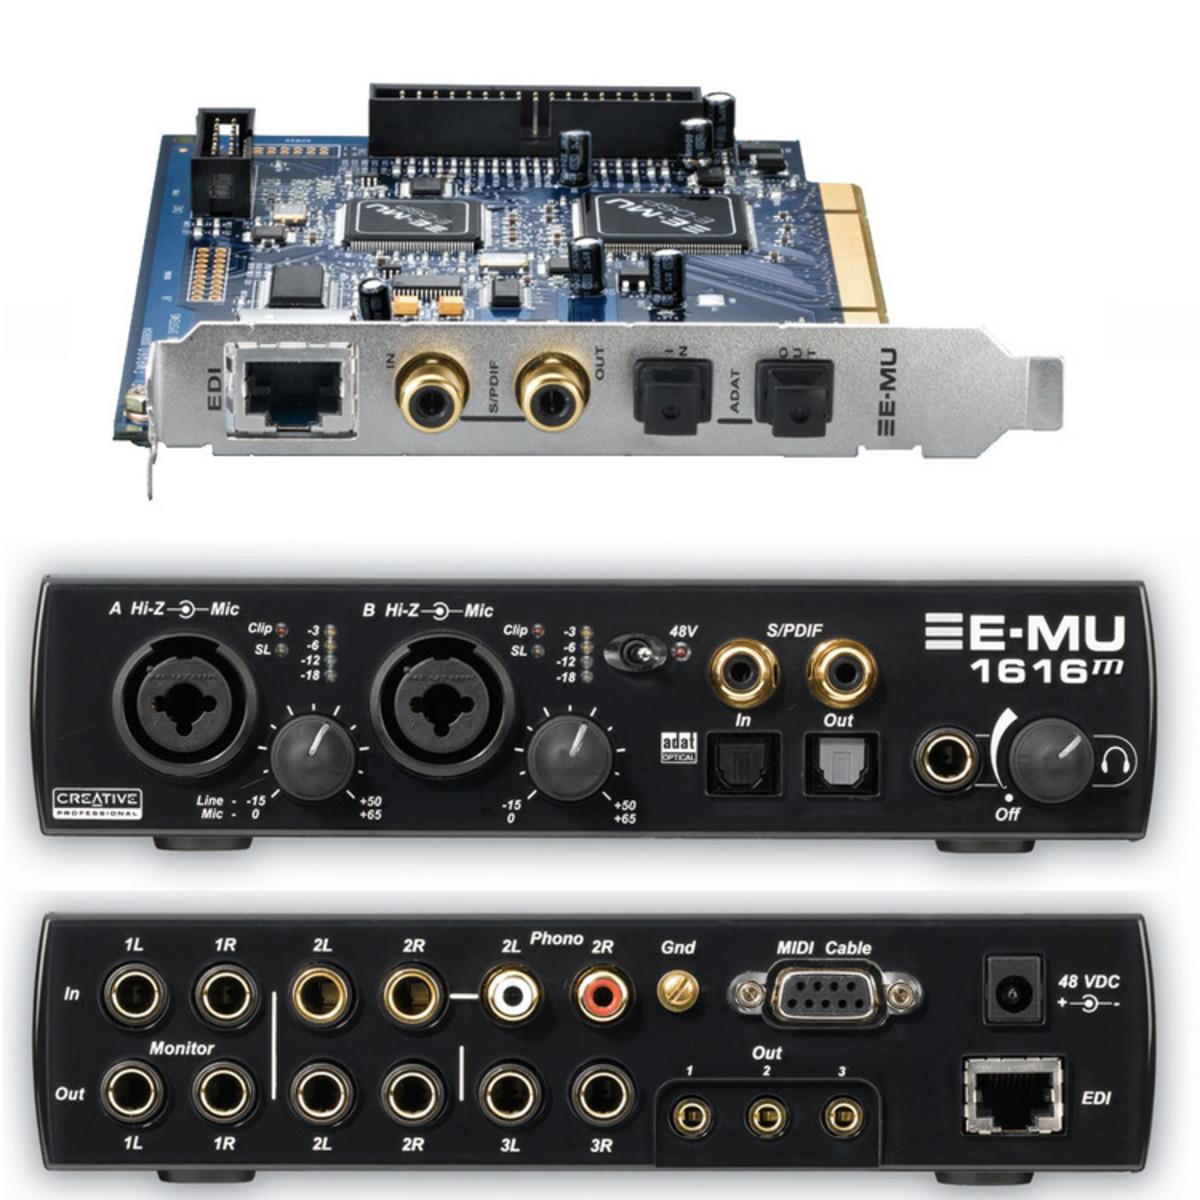 E-MU 1616M PCIE DRIVER FOR WINDOWS 7